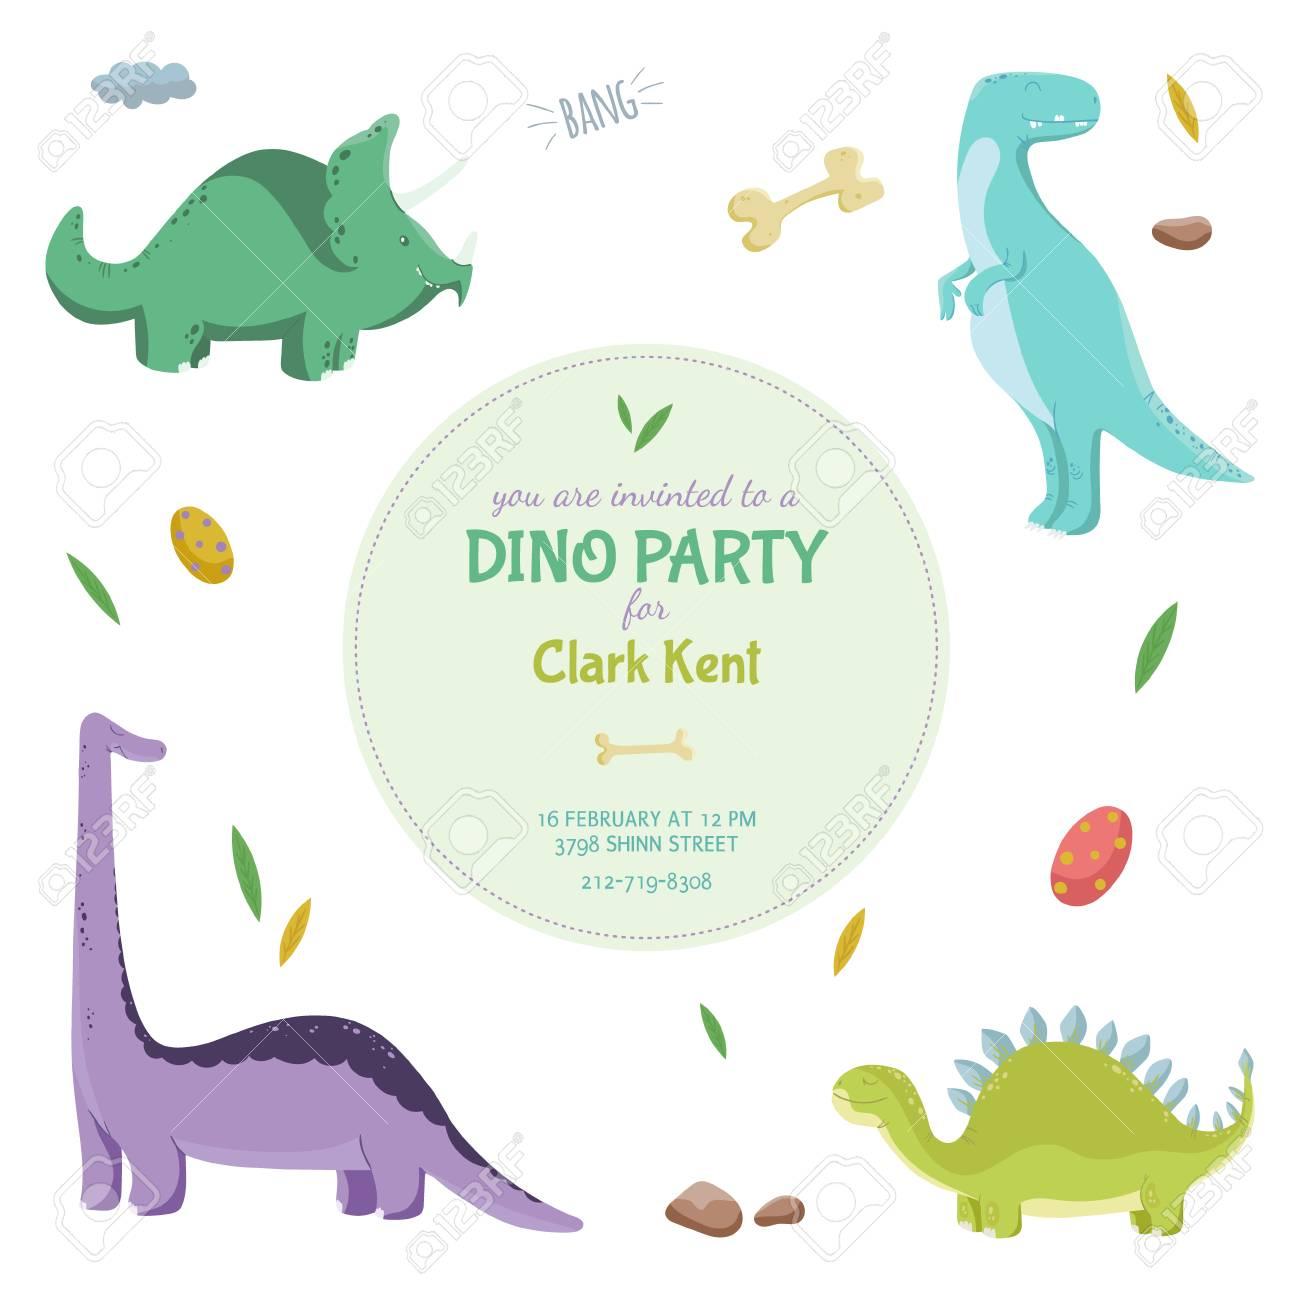 Dinosaurios Tarjeta De Invitación O Un Cartel En El Partido De Dino Ilustración Del Vector Con Los Dinosaurios De Colores Plantilla Con Un Lugar